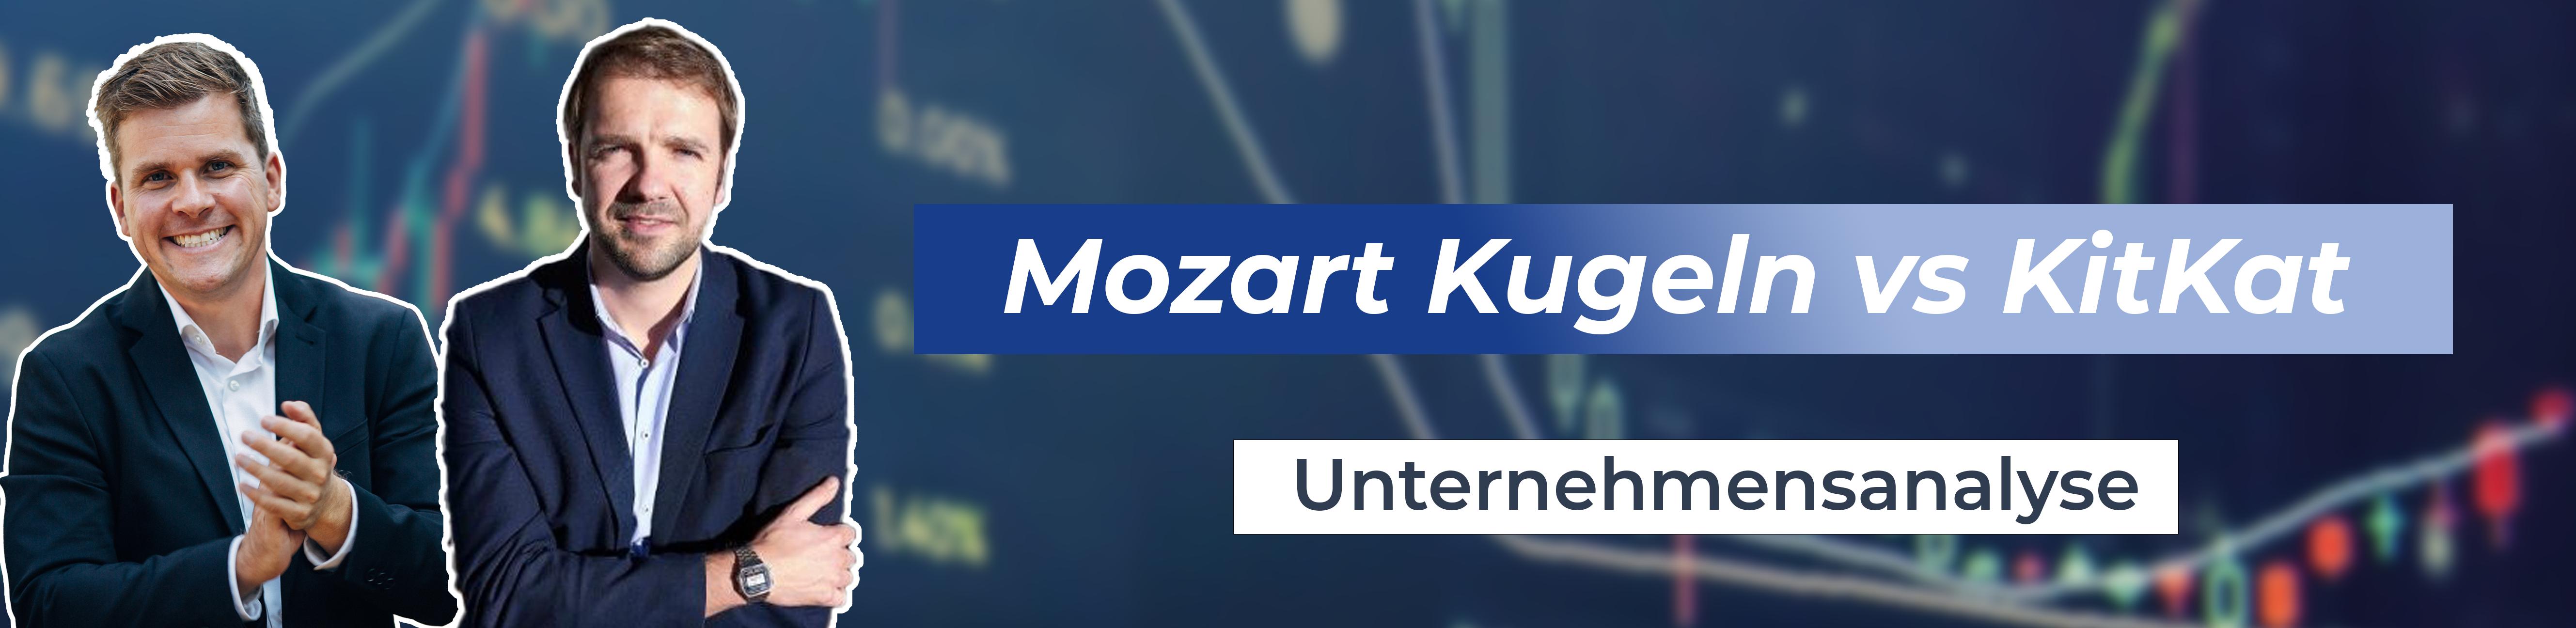 Mozartkugeln vs. Kitkat - was ist die bessere Aktienanlage?